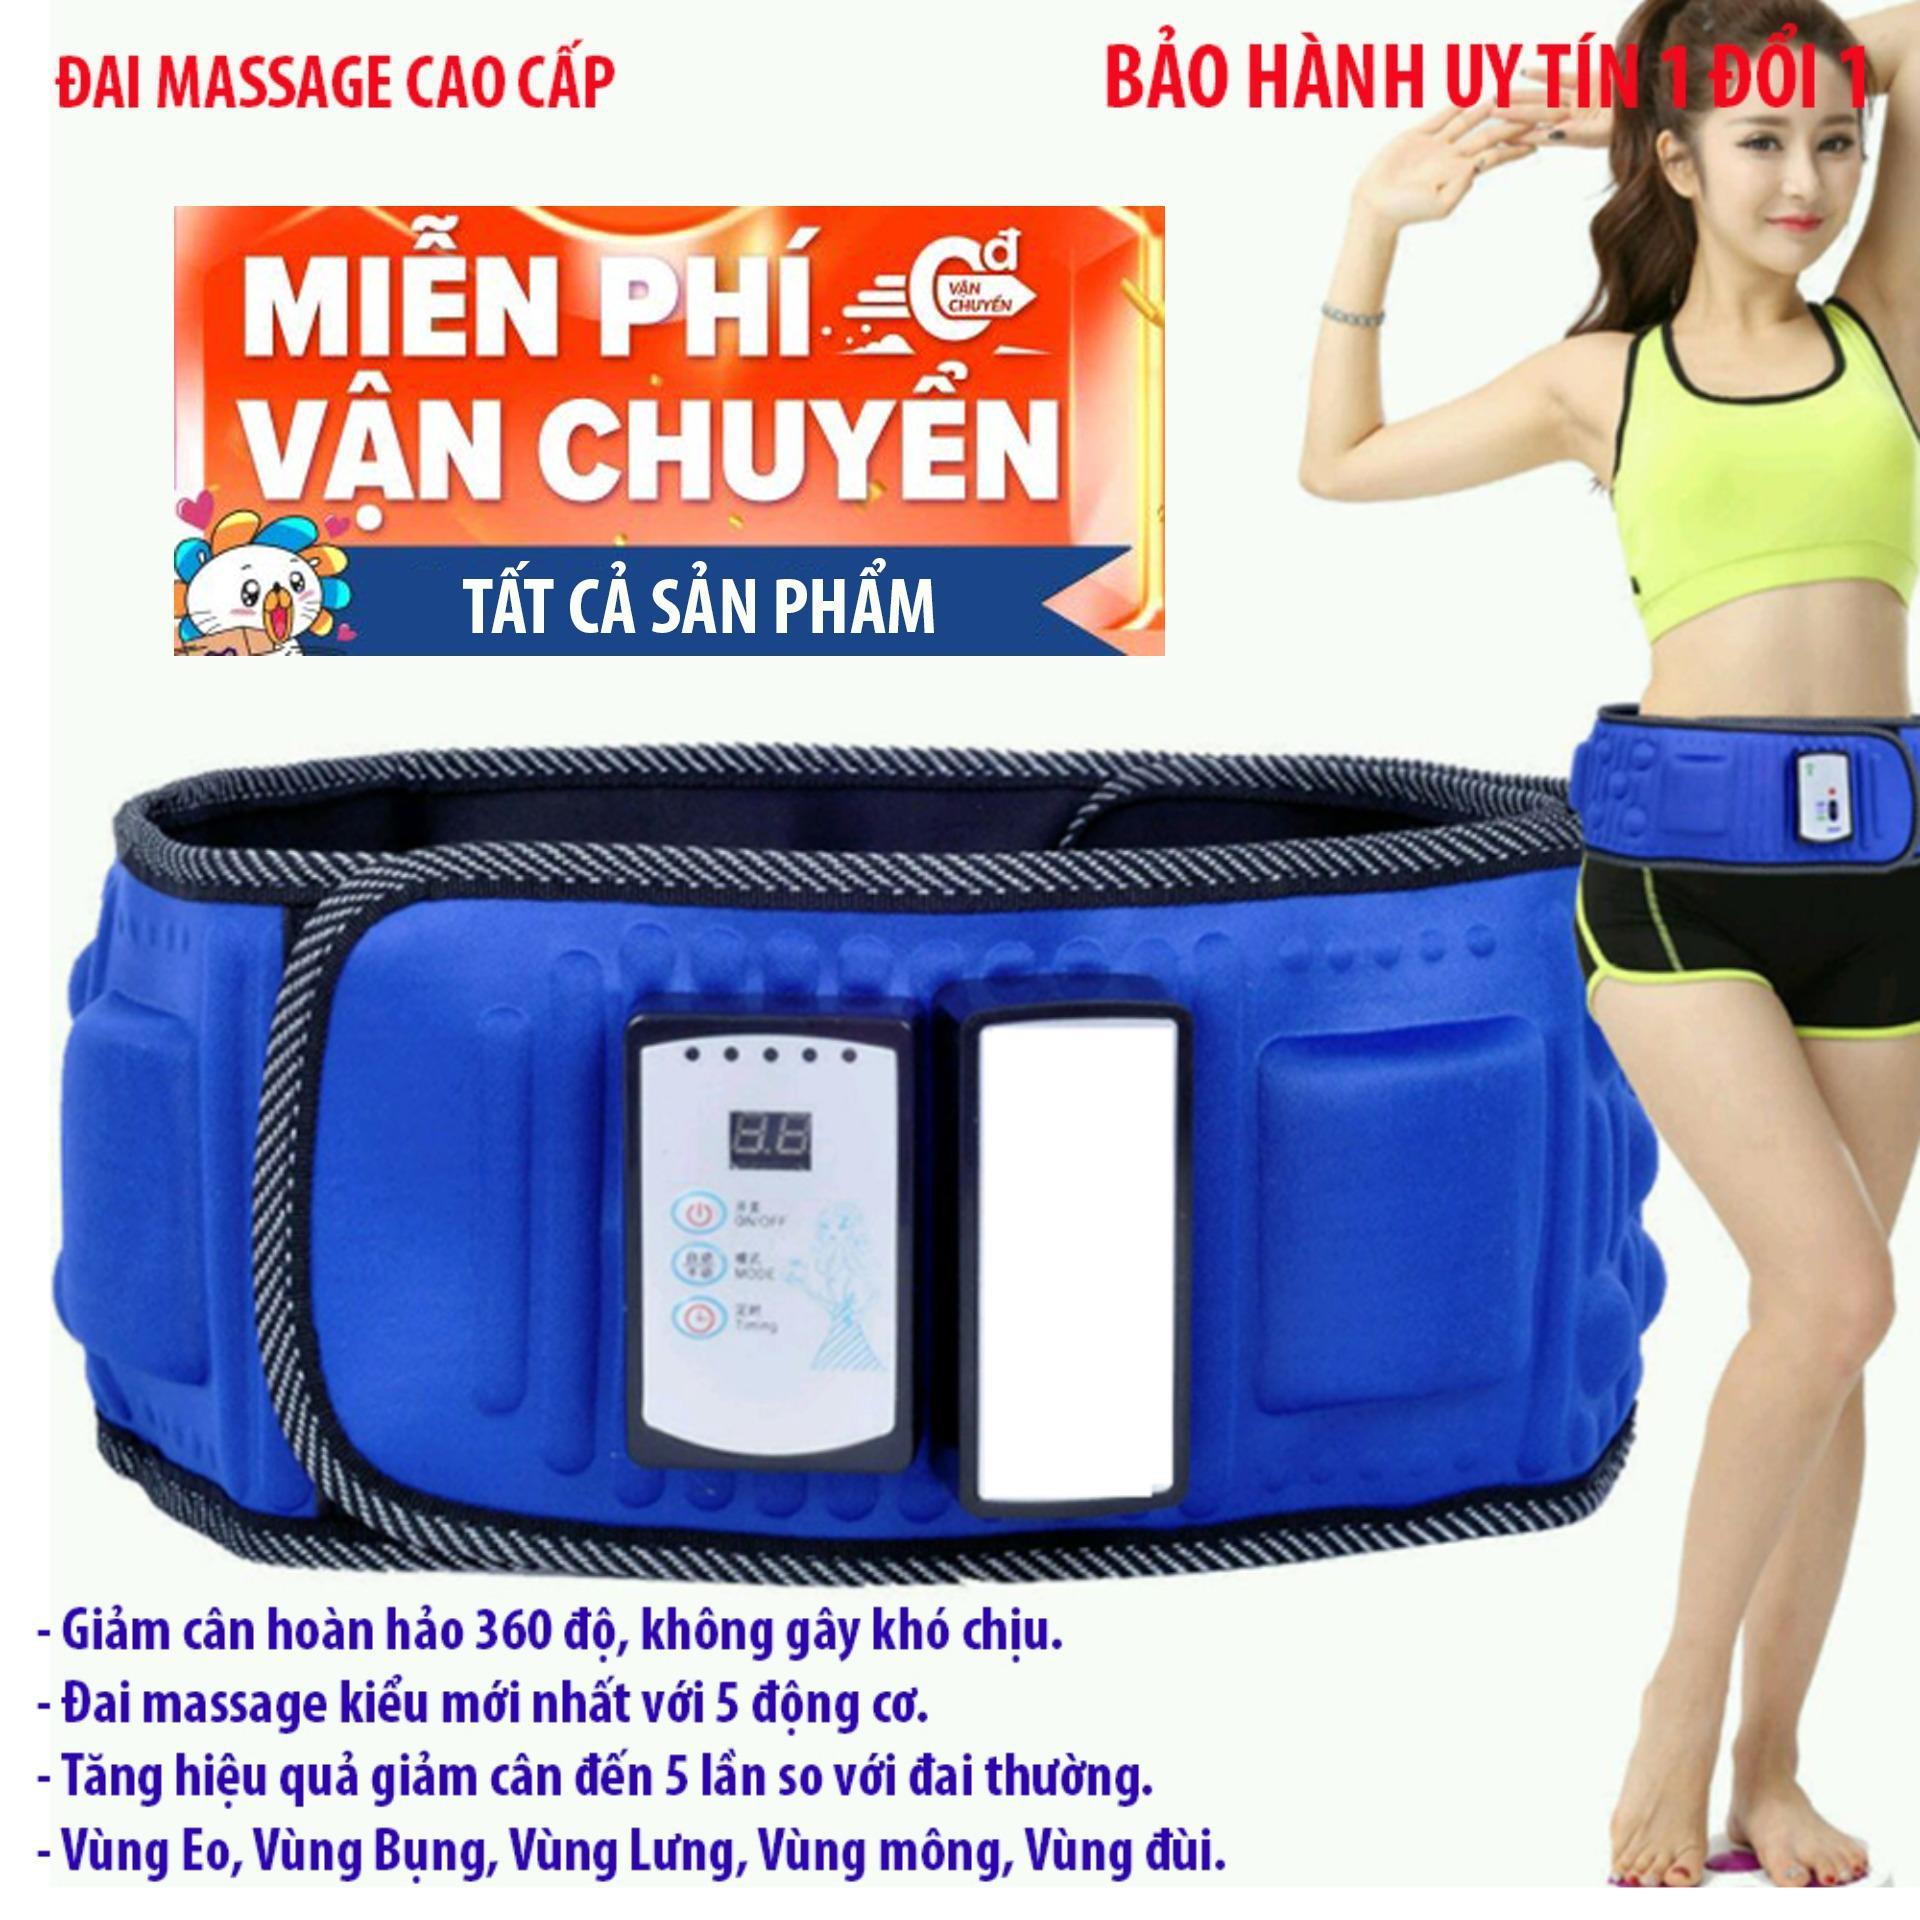 Máy đeo giảm mỡ bụng, May deo tap bung - Đai massage V5, giảm cân hoàn hảo 360 độ, không gây khó chịu - BH 1 đổi 1 bởi VIỆT NAM STORE